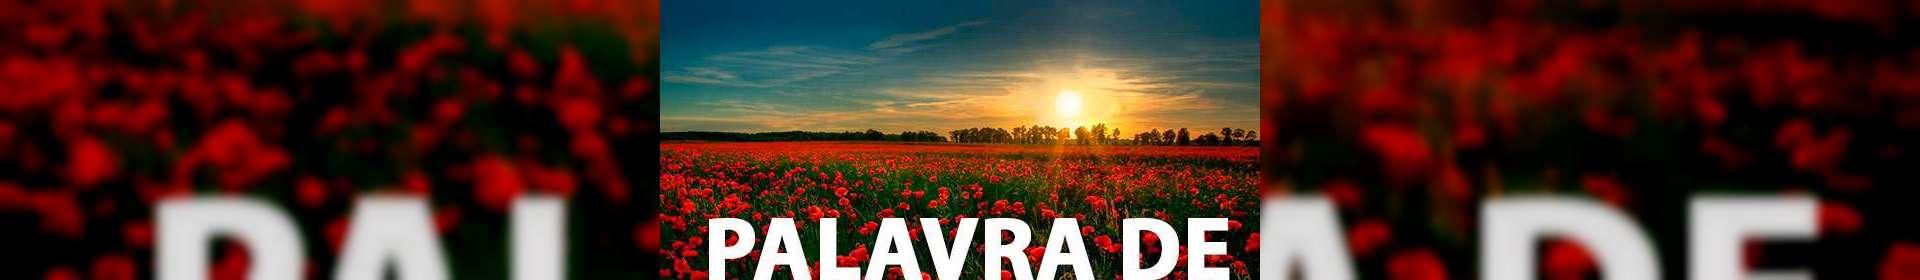 Salmos 105:1-3 - Uma Palavra de Esperança para sua vida